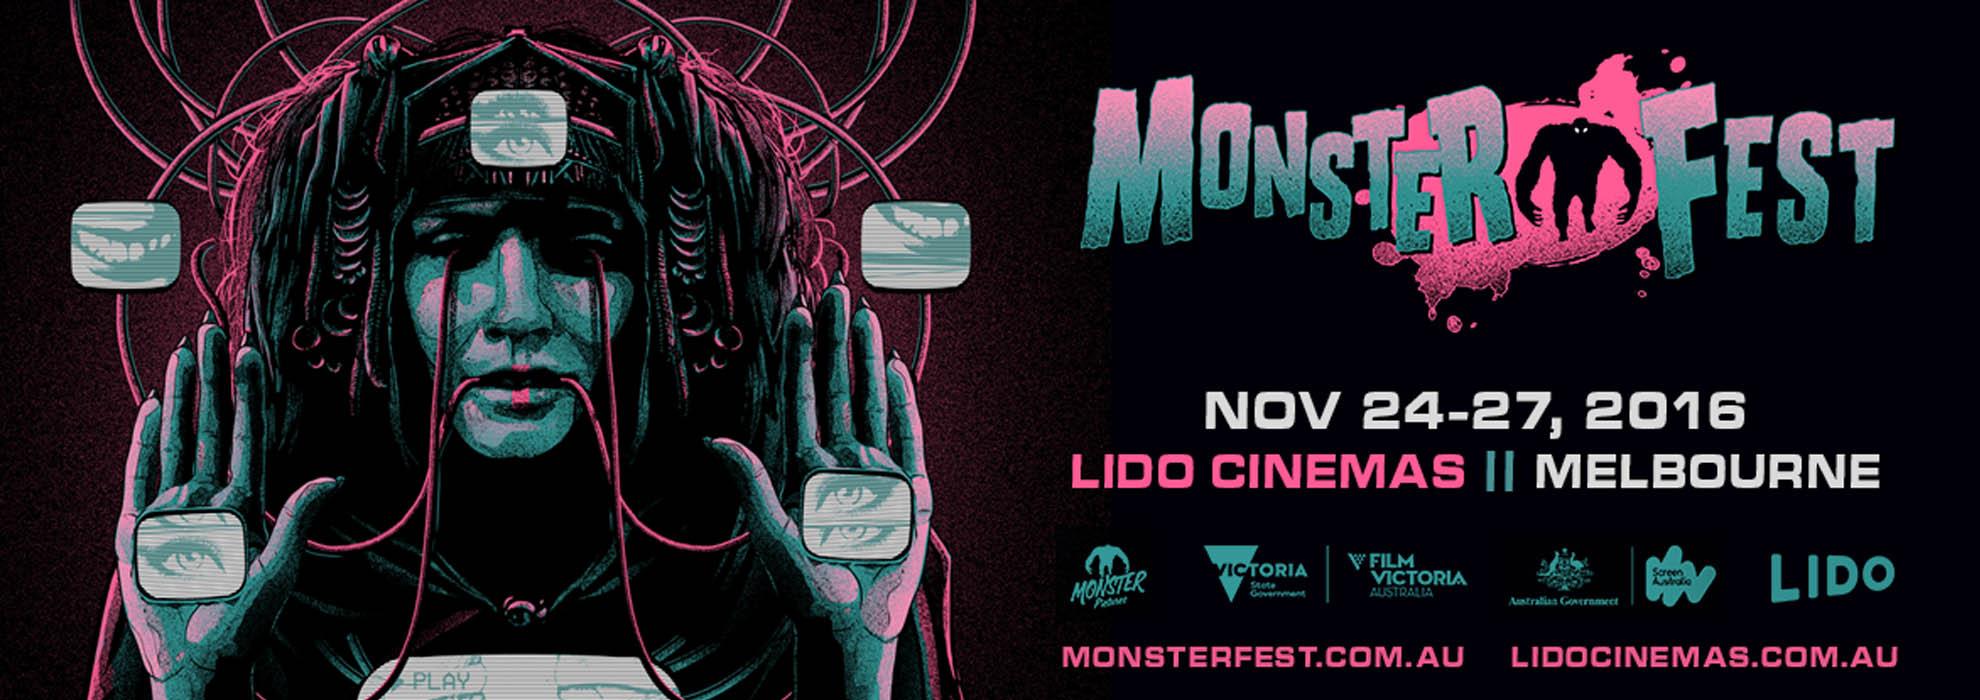 Monster Fest